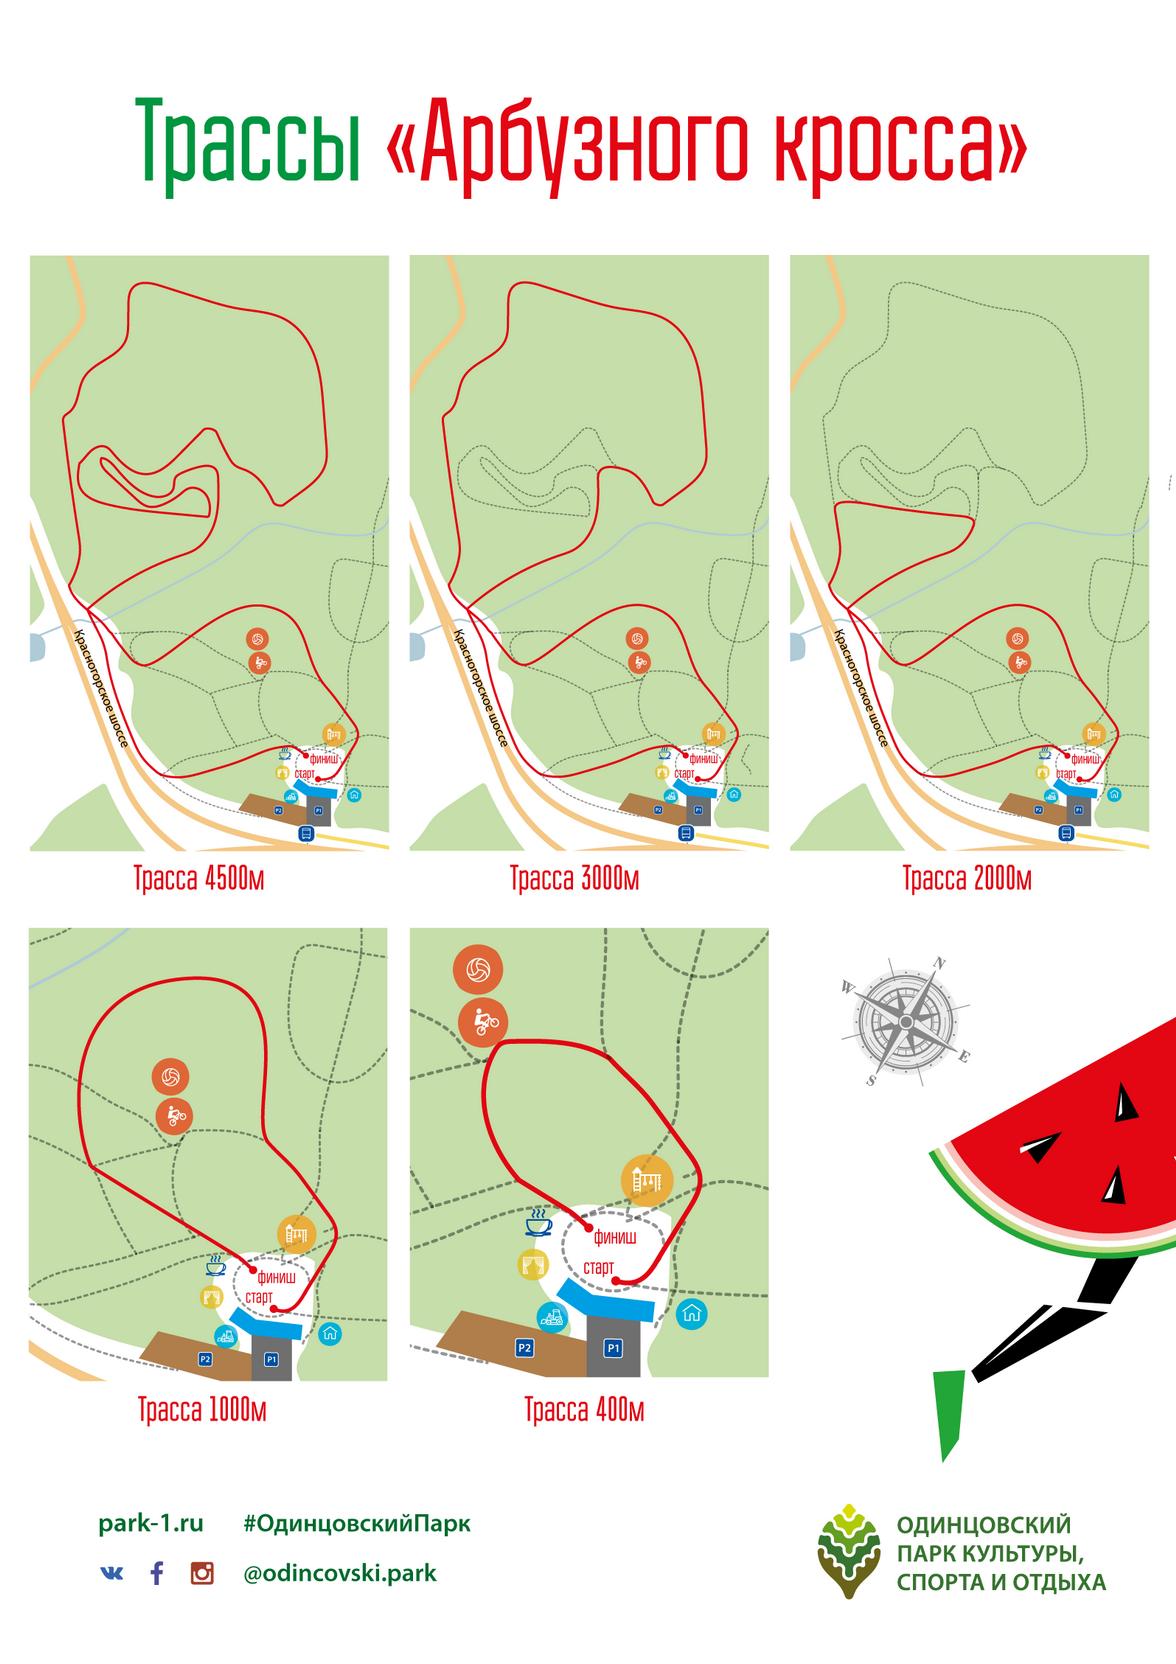 карты трасс арбузный кросс 2017 Одинцовский парк